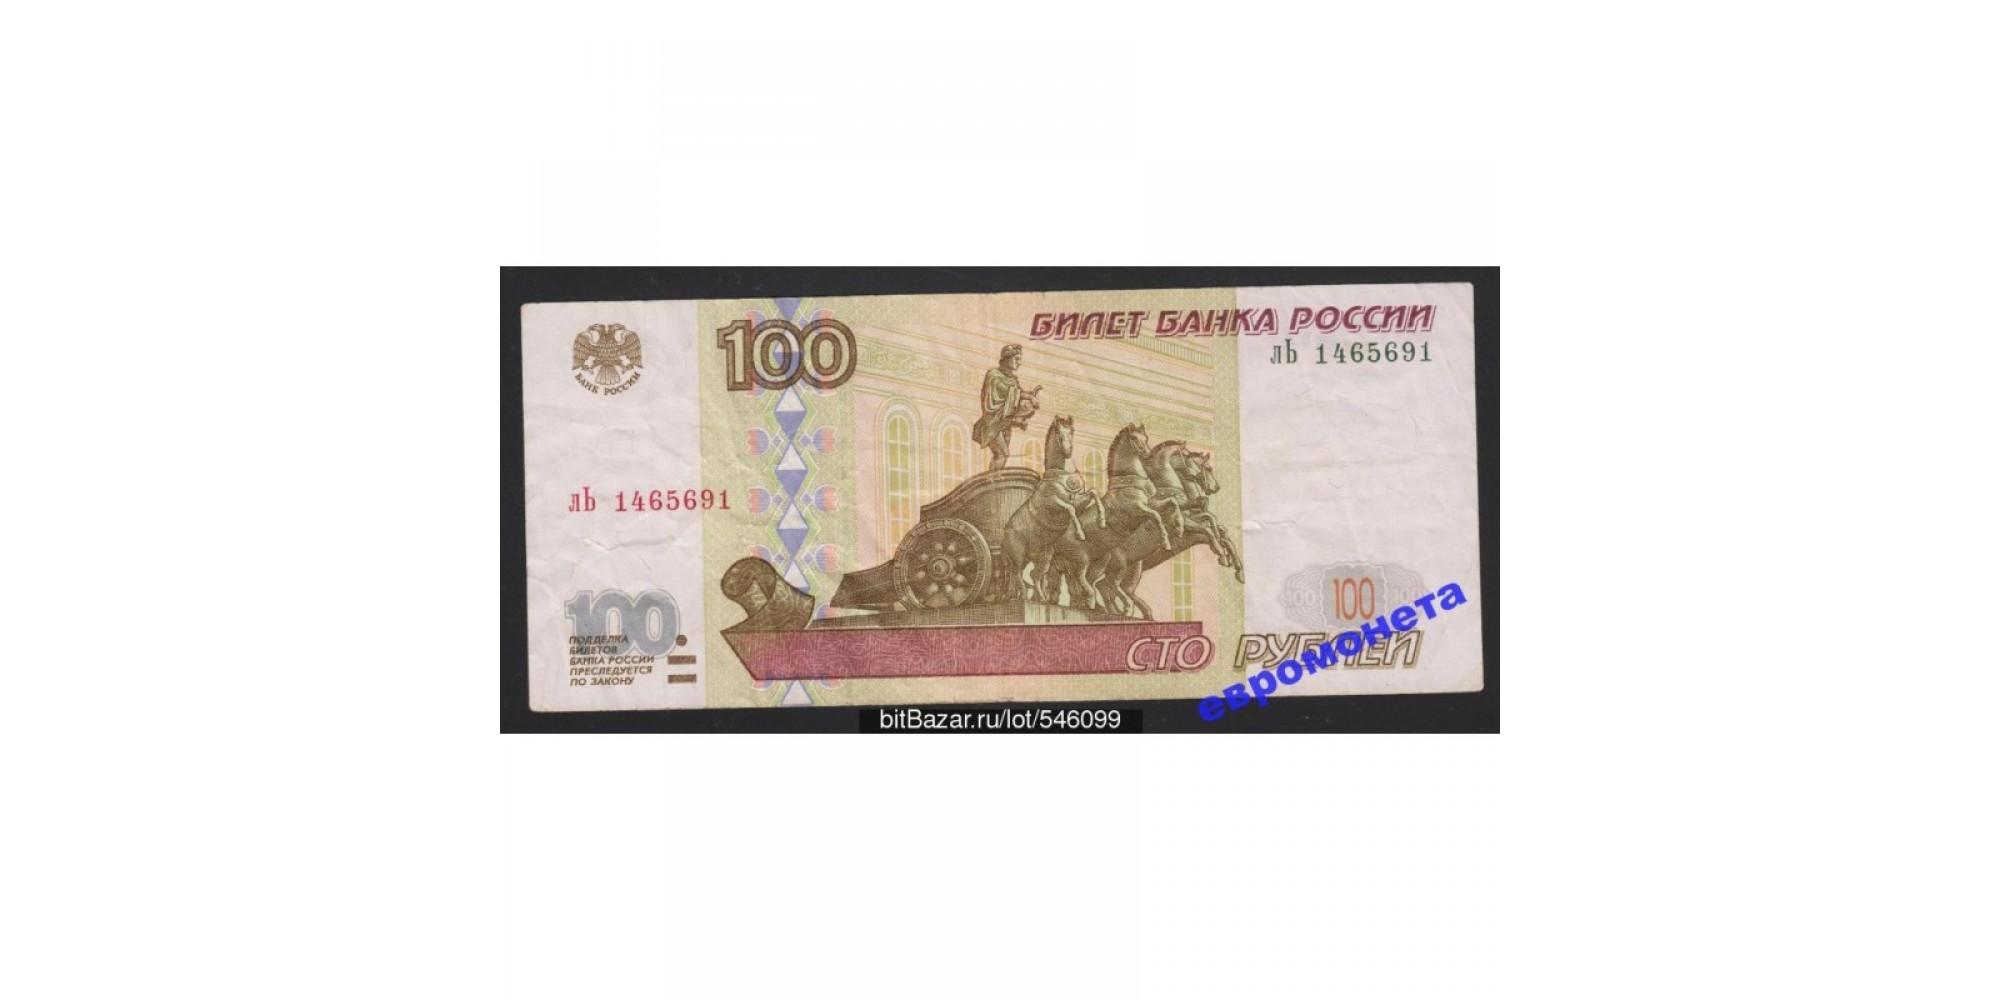 Россия 100 рублей 1997 год без модификации серия лЬ 1465691